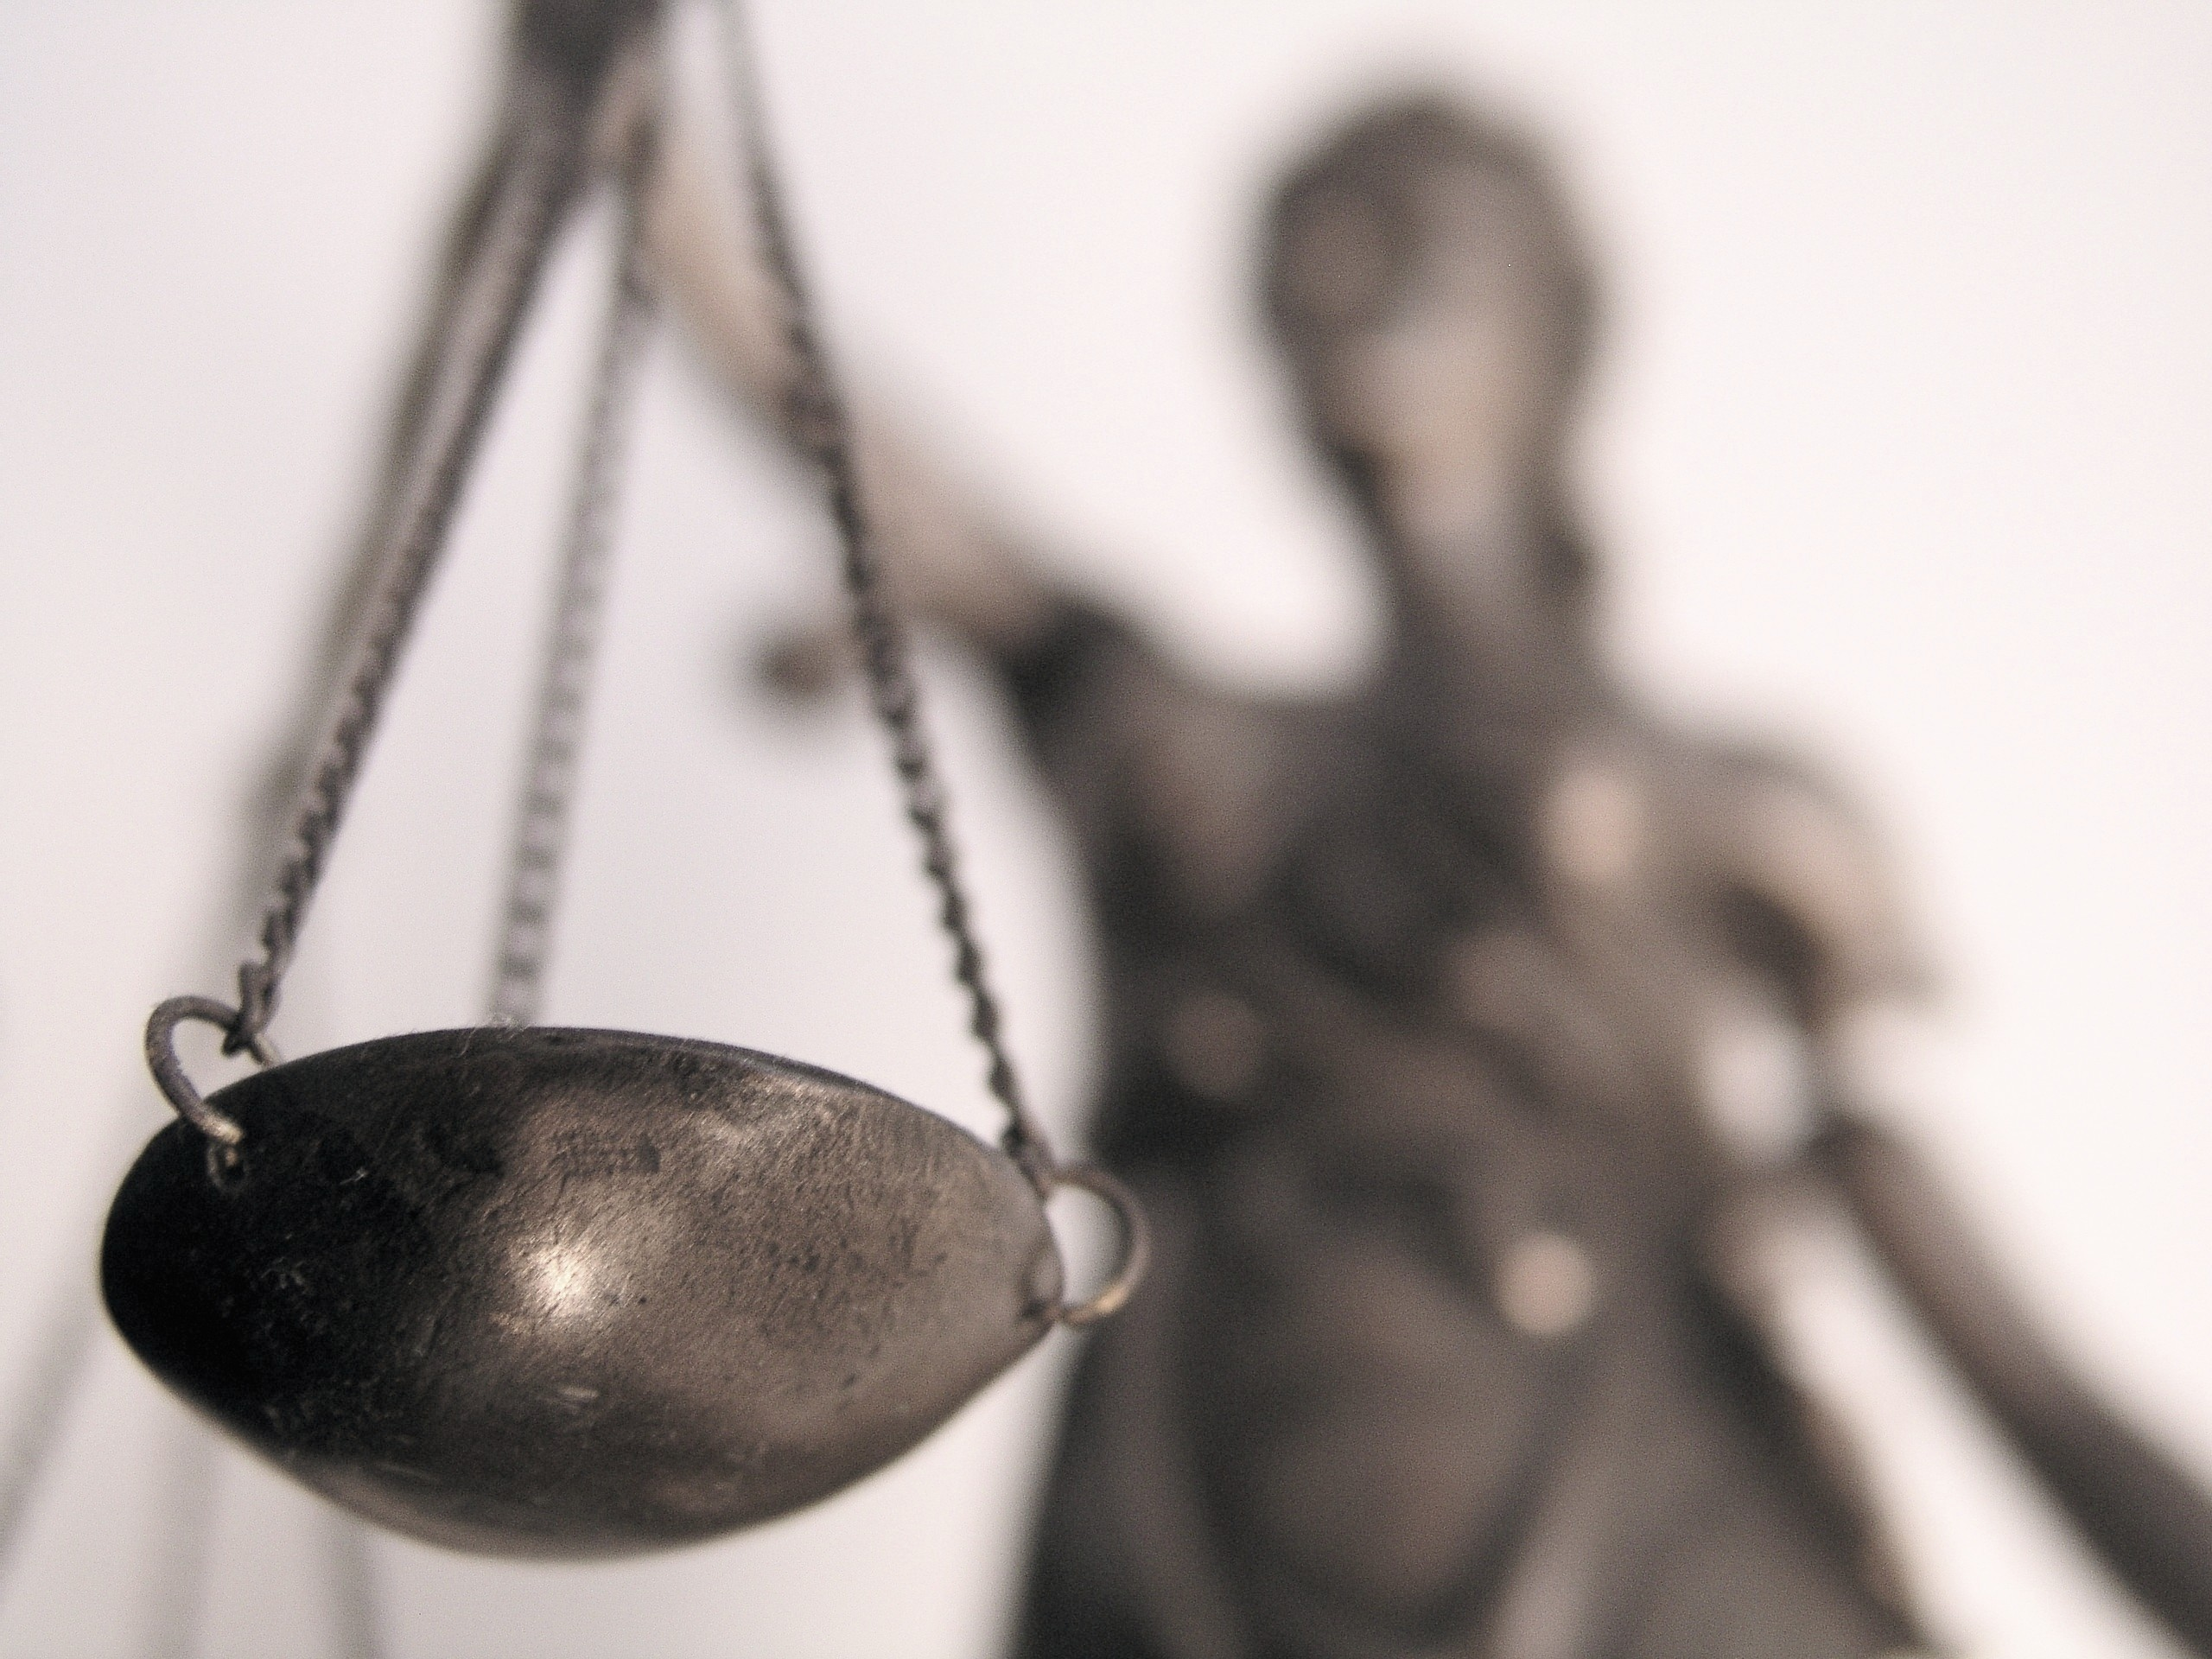 Das Foto zeigt Justitia, Sinnbild von Recht und Gerechtigkeit. Justitia ist im Hintergrund etwas verschwommen zu erkennen, wohingegen eine im Vordergrund zu sehende Waagschale gut zu erkennen ist.